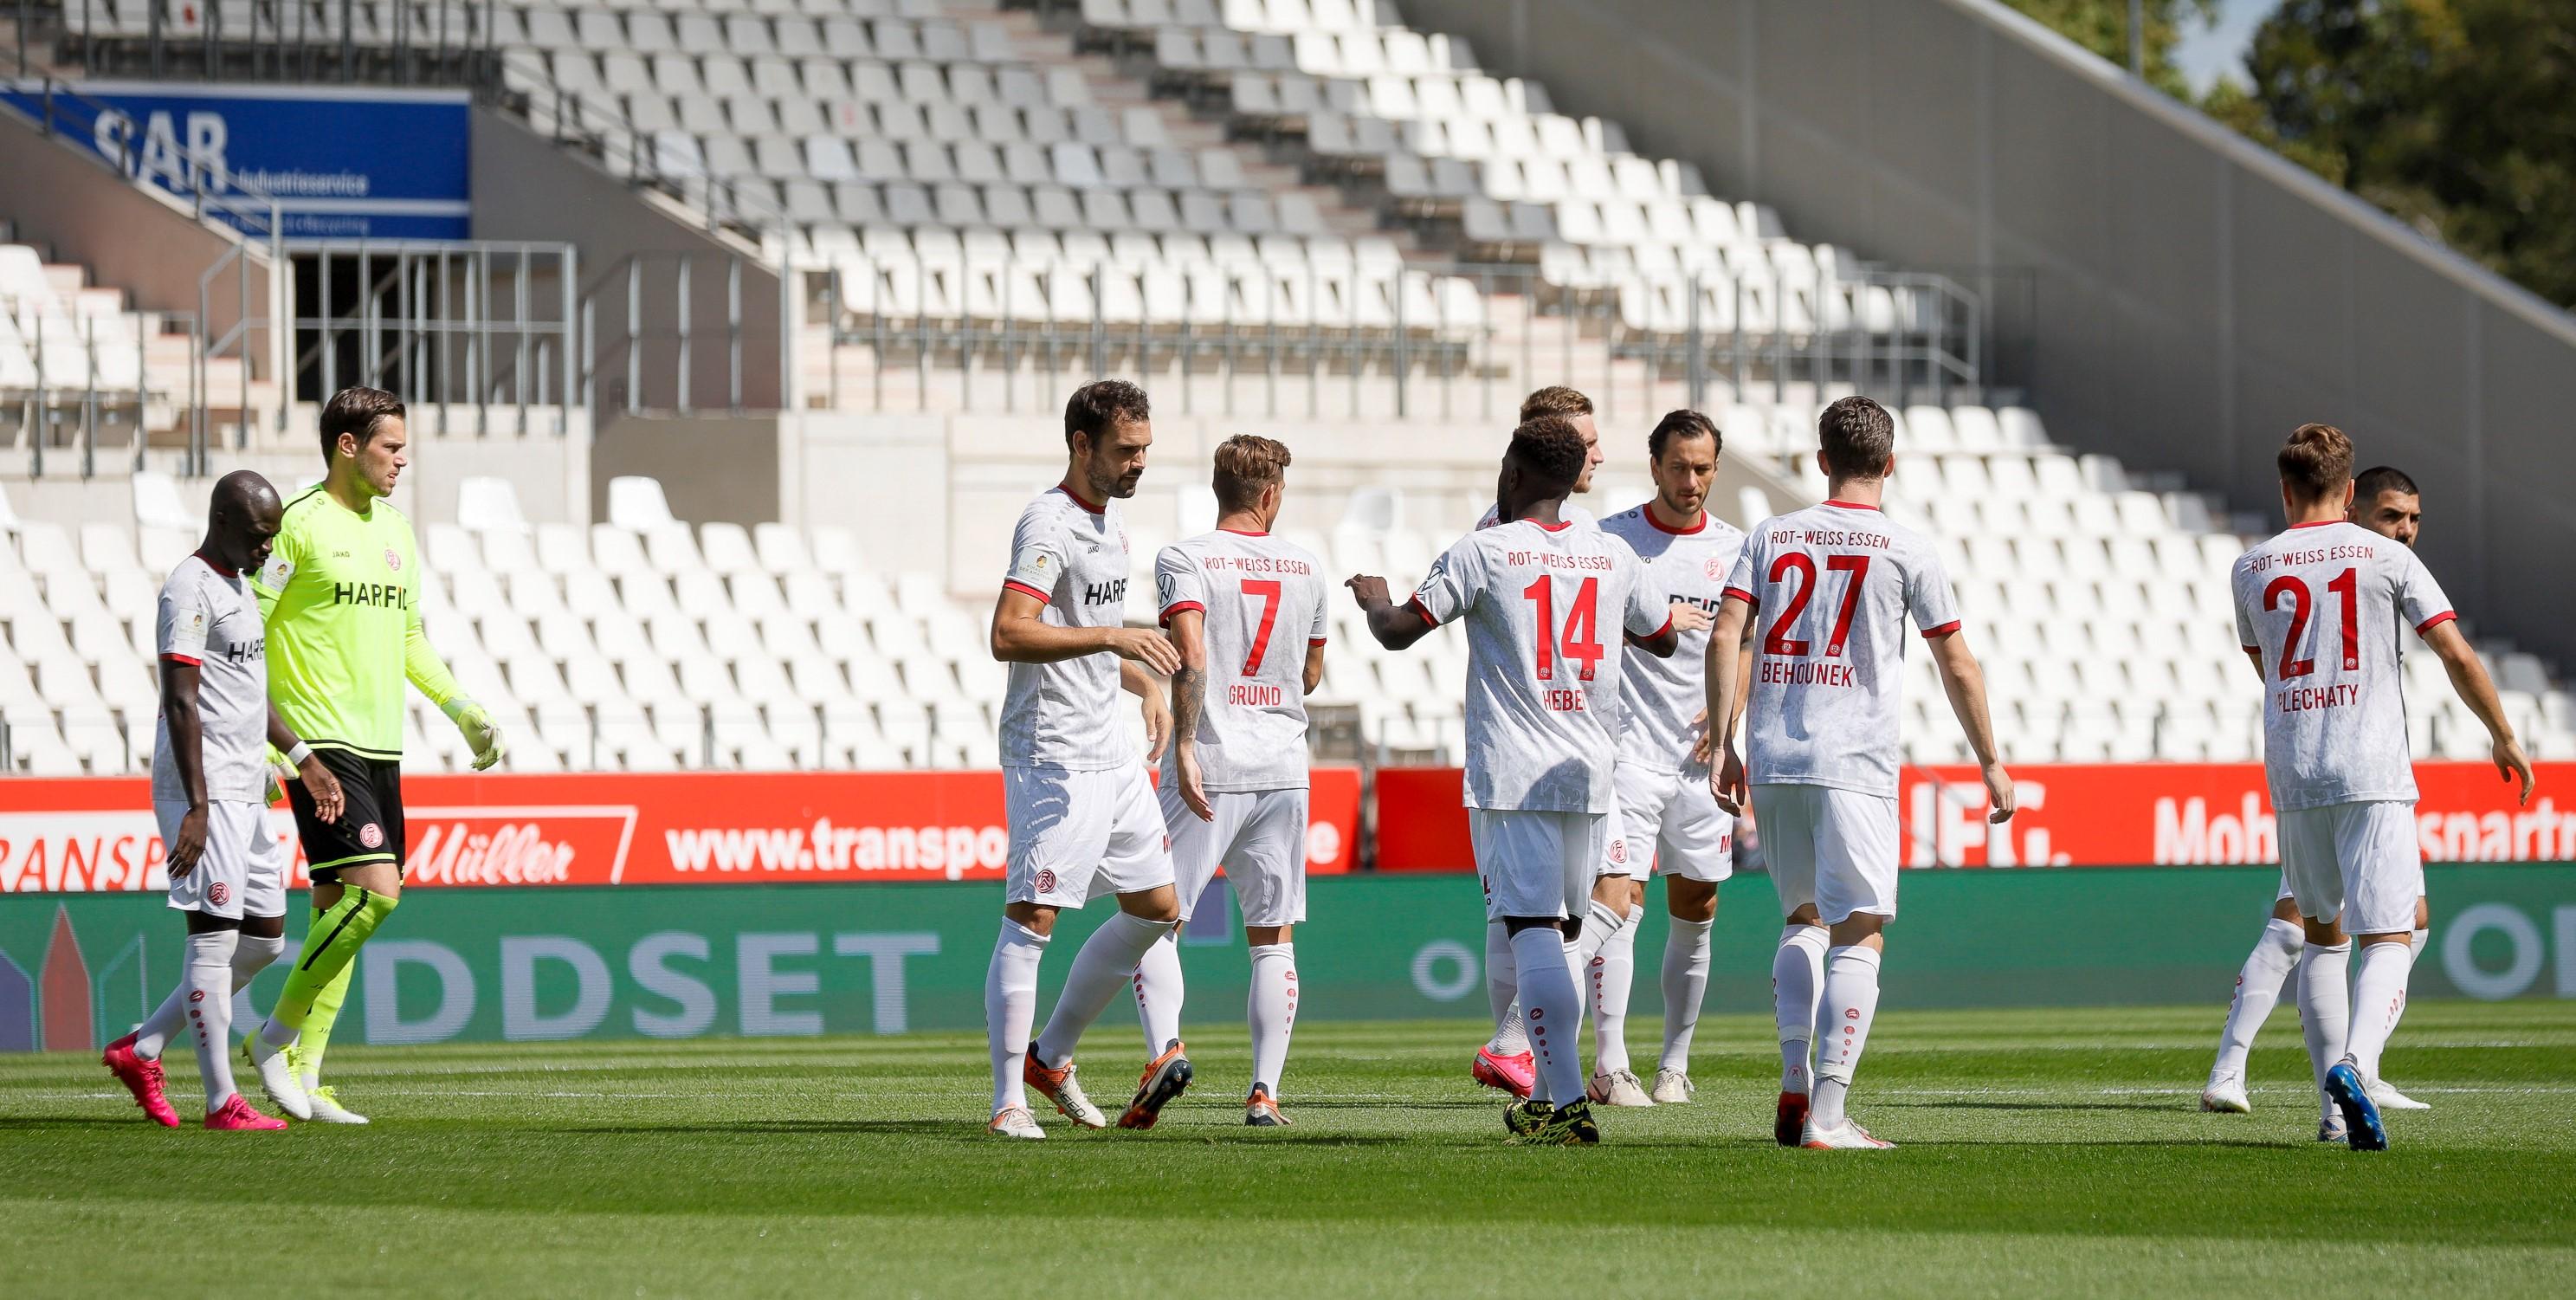 Noch eineinhalb Wochen bis zum Saisonstart: RWE testet gegen FC Emmen. (Foto: Endberg)